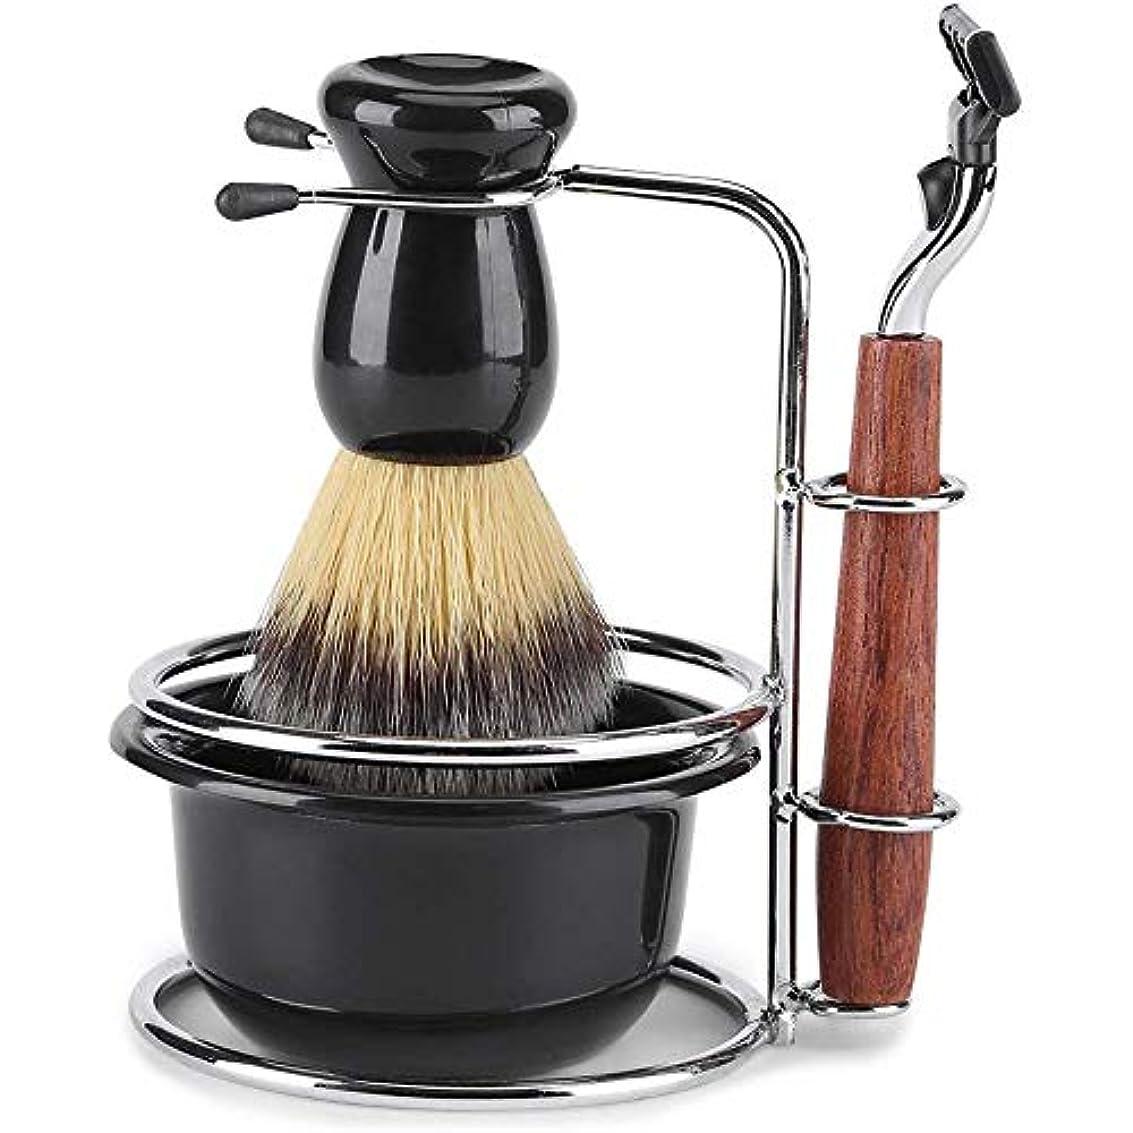 写真撮影後継スポット4セットシェービングブラシセットプラシスタンド 石鹸ボウル父の日プレゼント ひげブラシ シェービングブラシ 洗顔 髭剃り